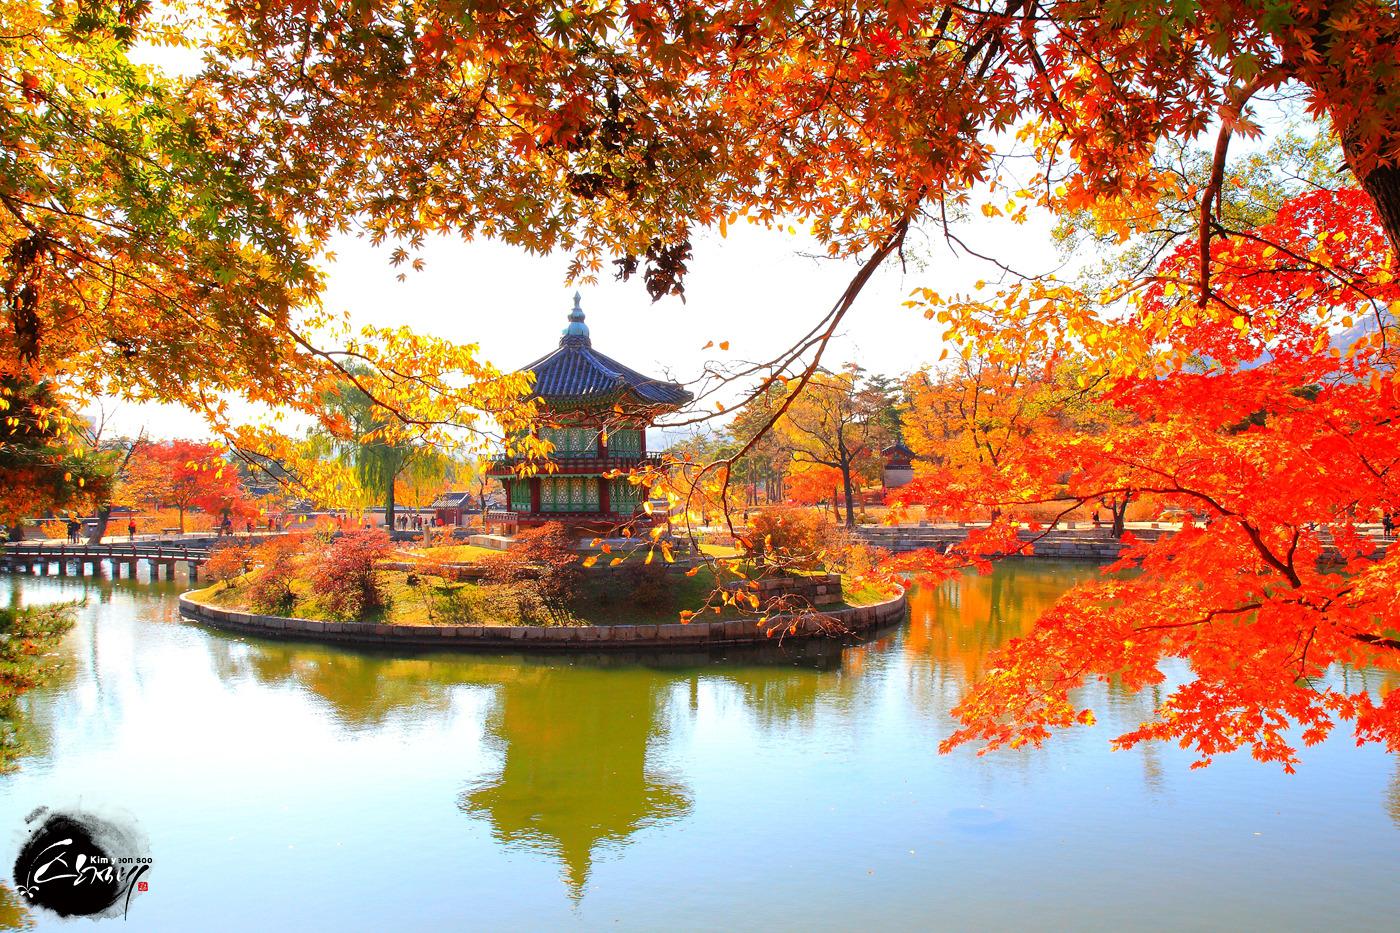 Thời-điểm-du-lịch-Seoul-thích-hợp-nhất